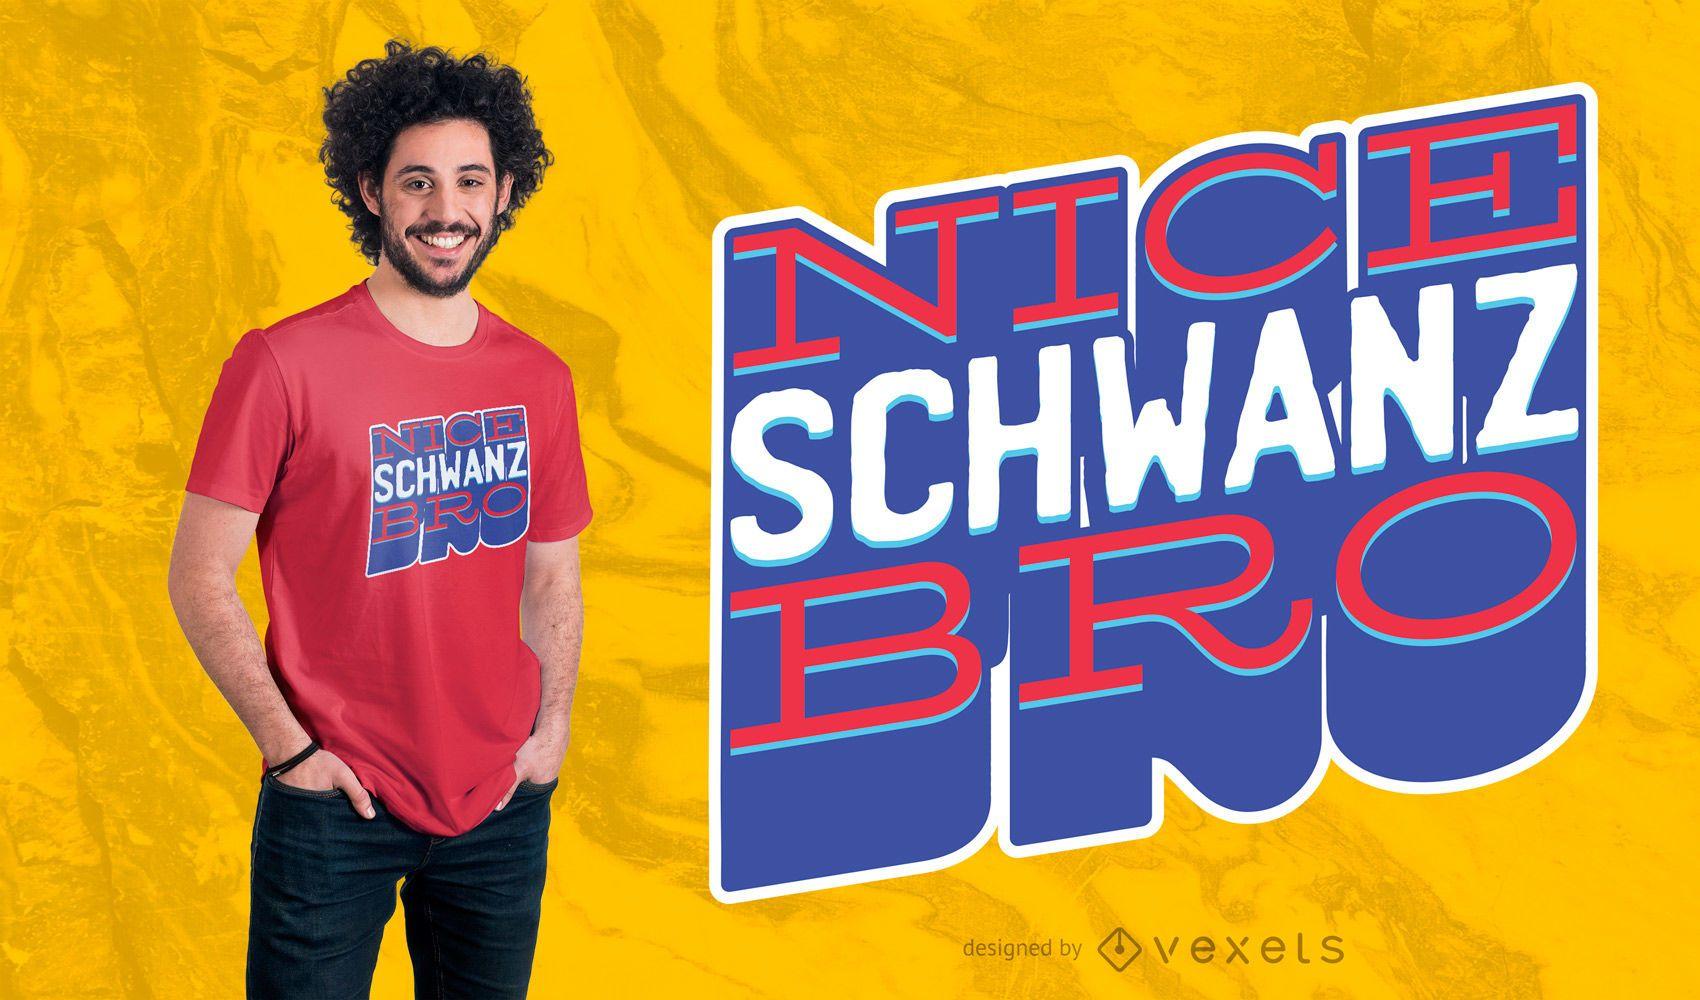 NICE COOK GERMAN T-SHIRT DESIGN